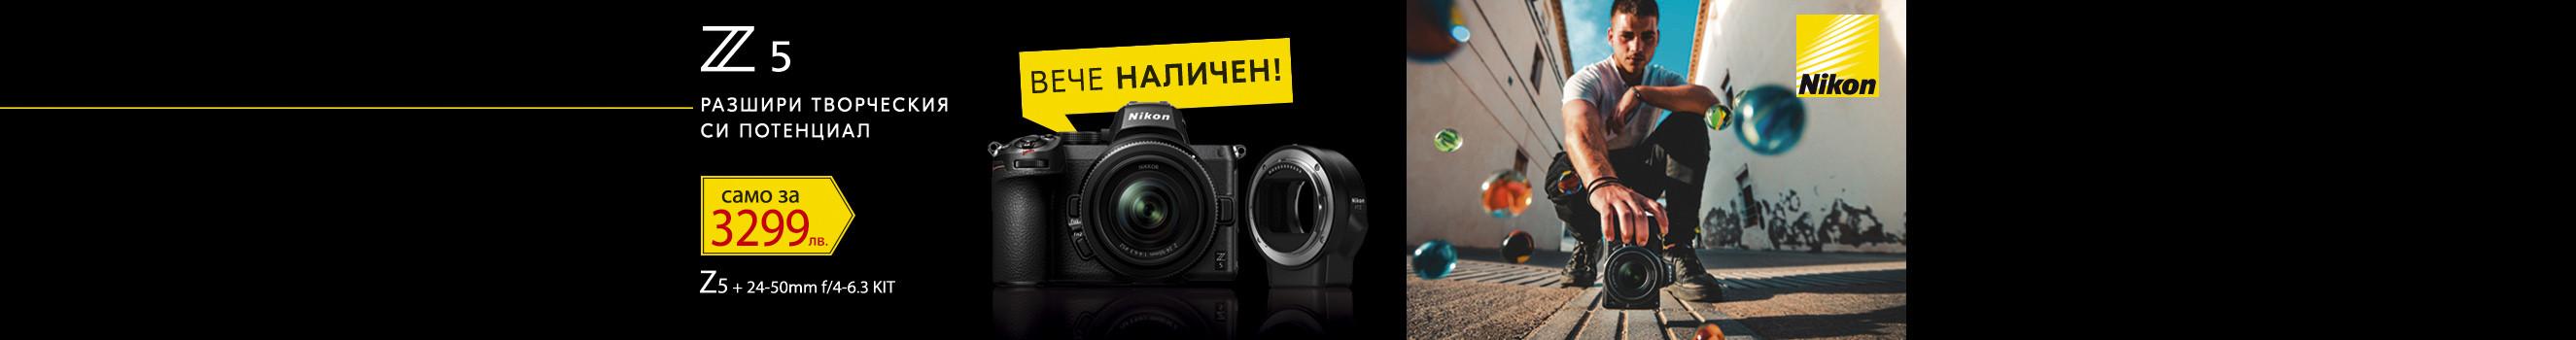 Фотоапарат Nikon Z5